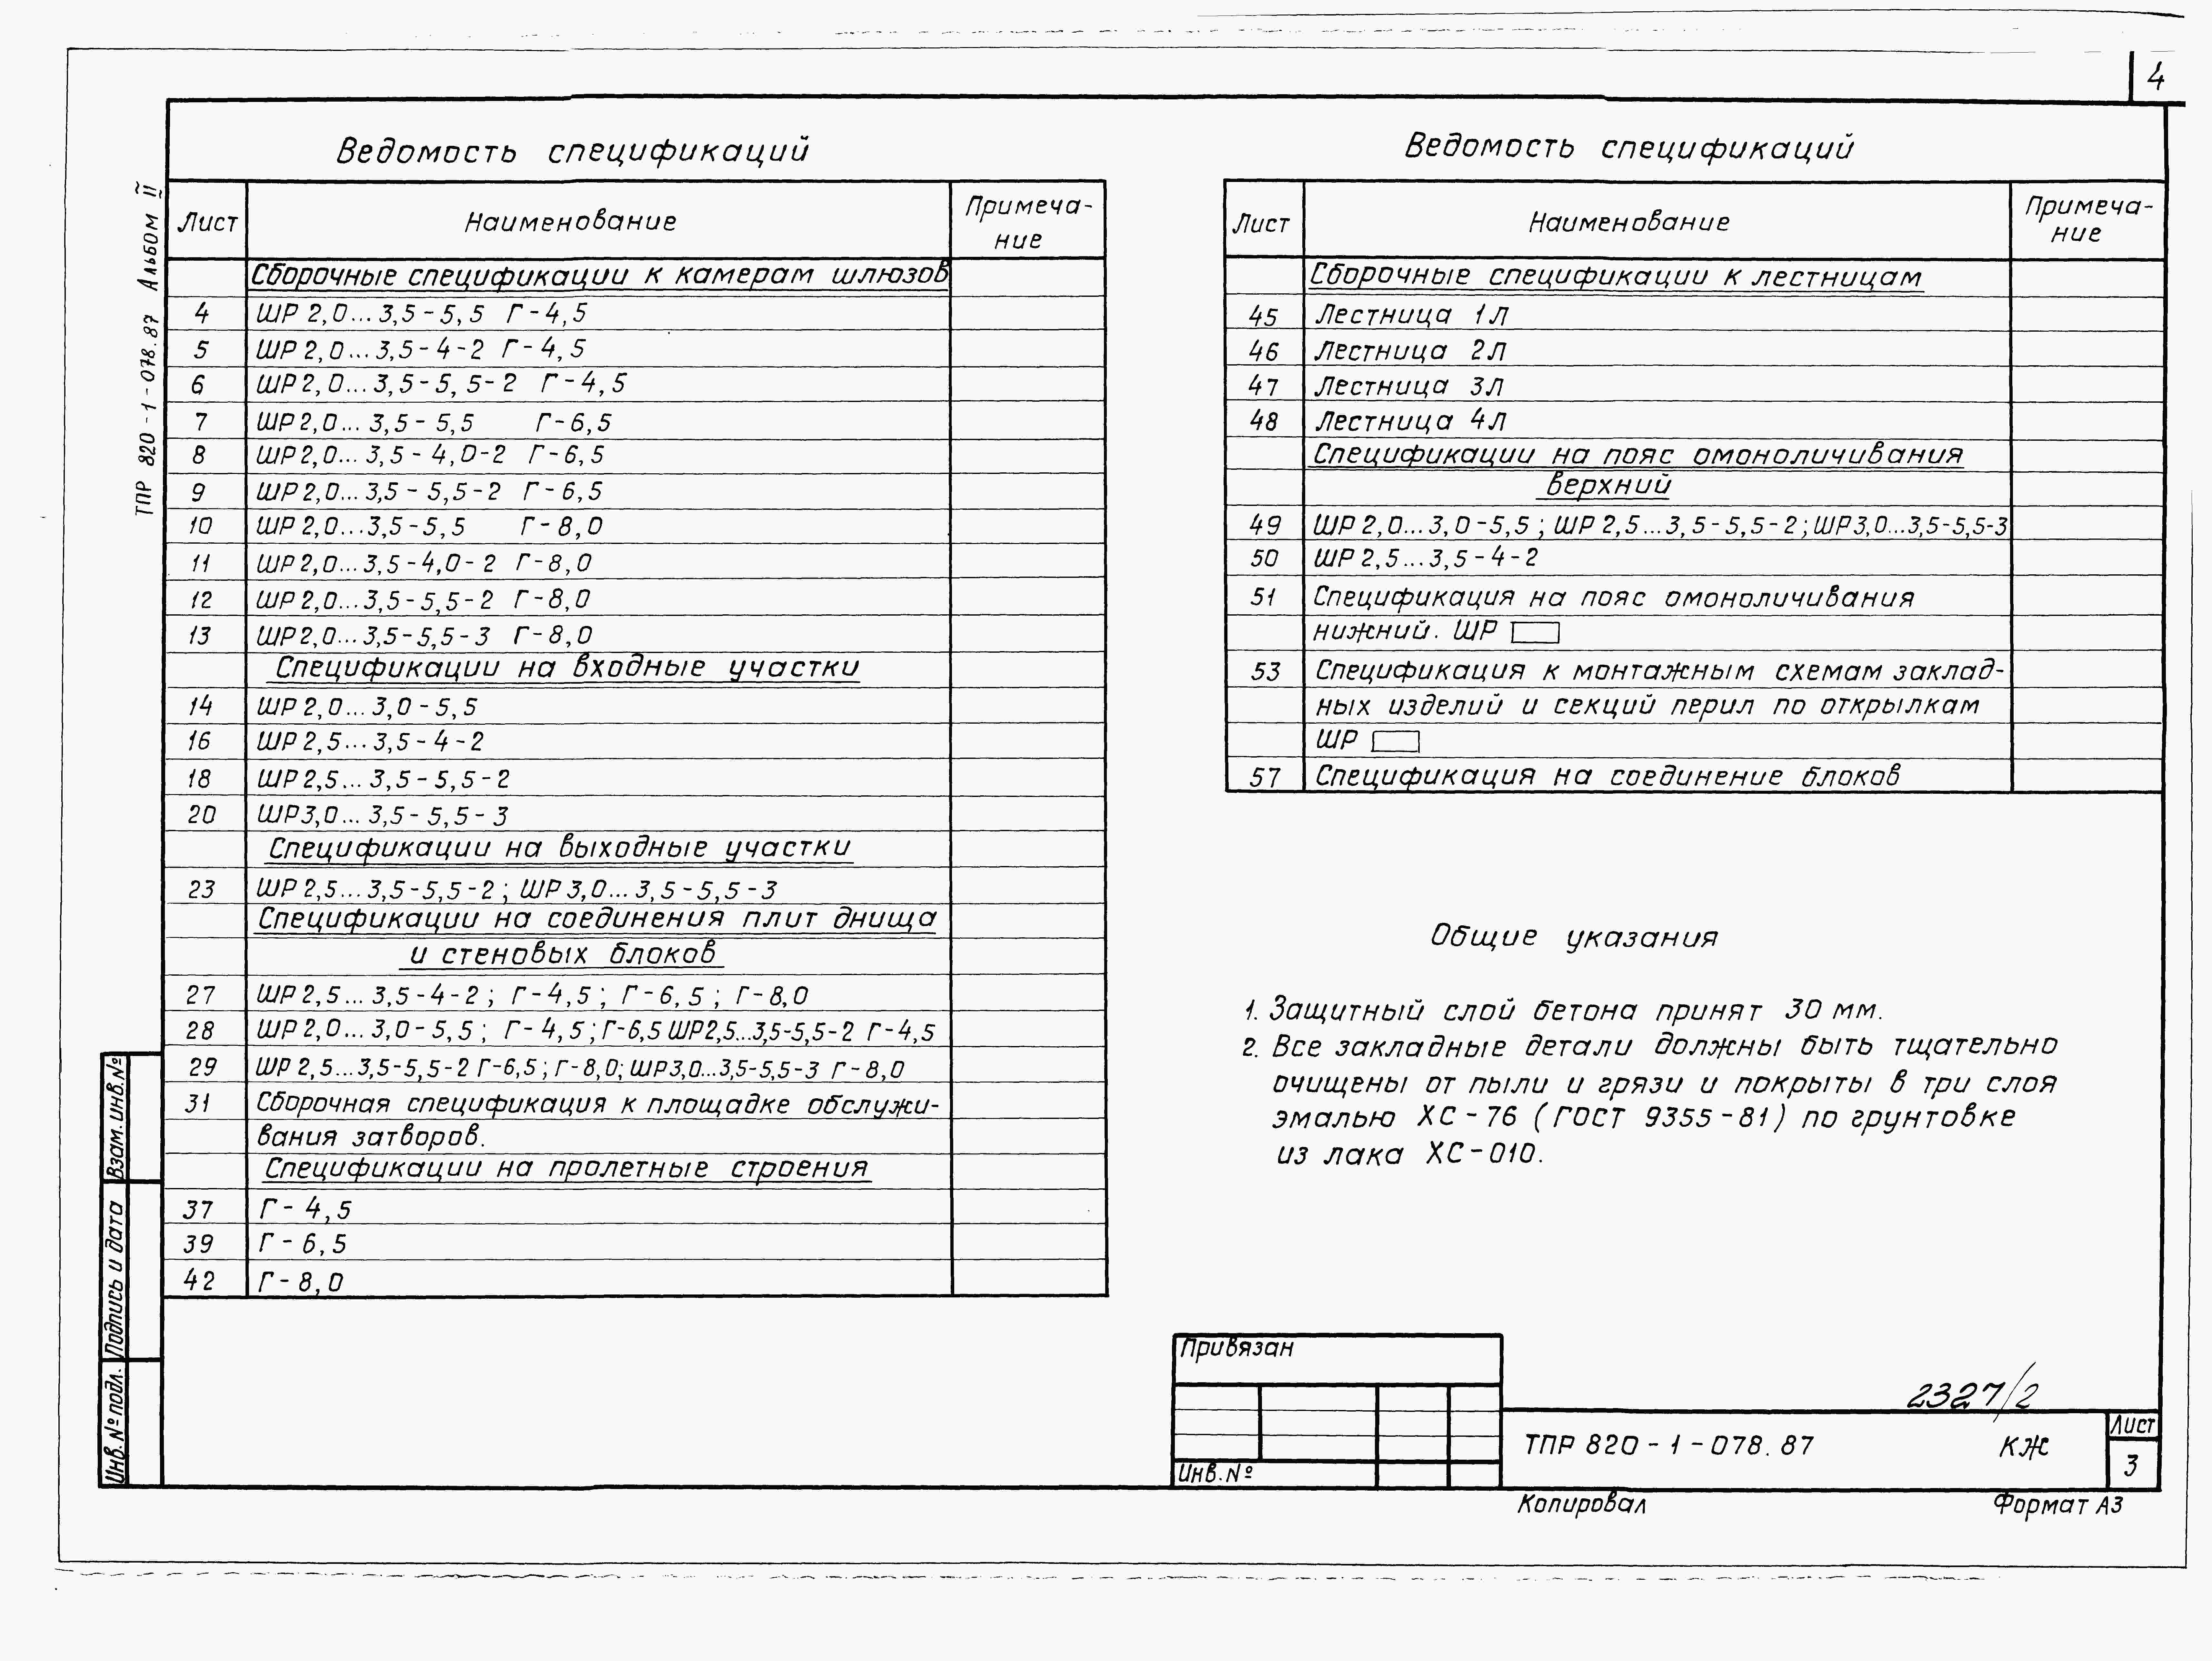 Ведомость спецификаций образец порядок заполнения - морской флот